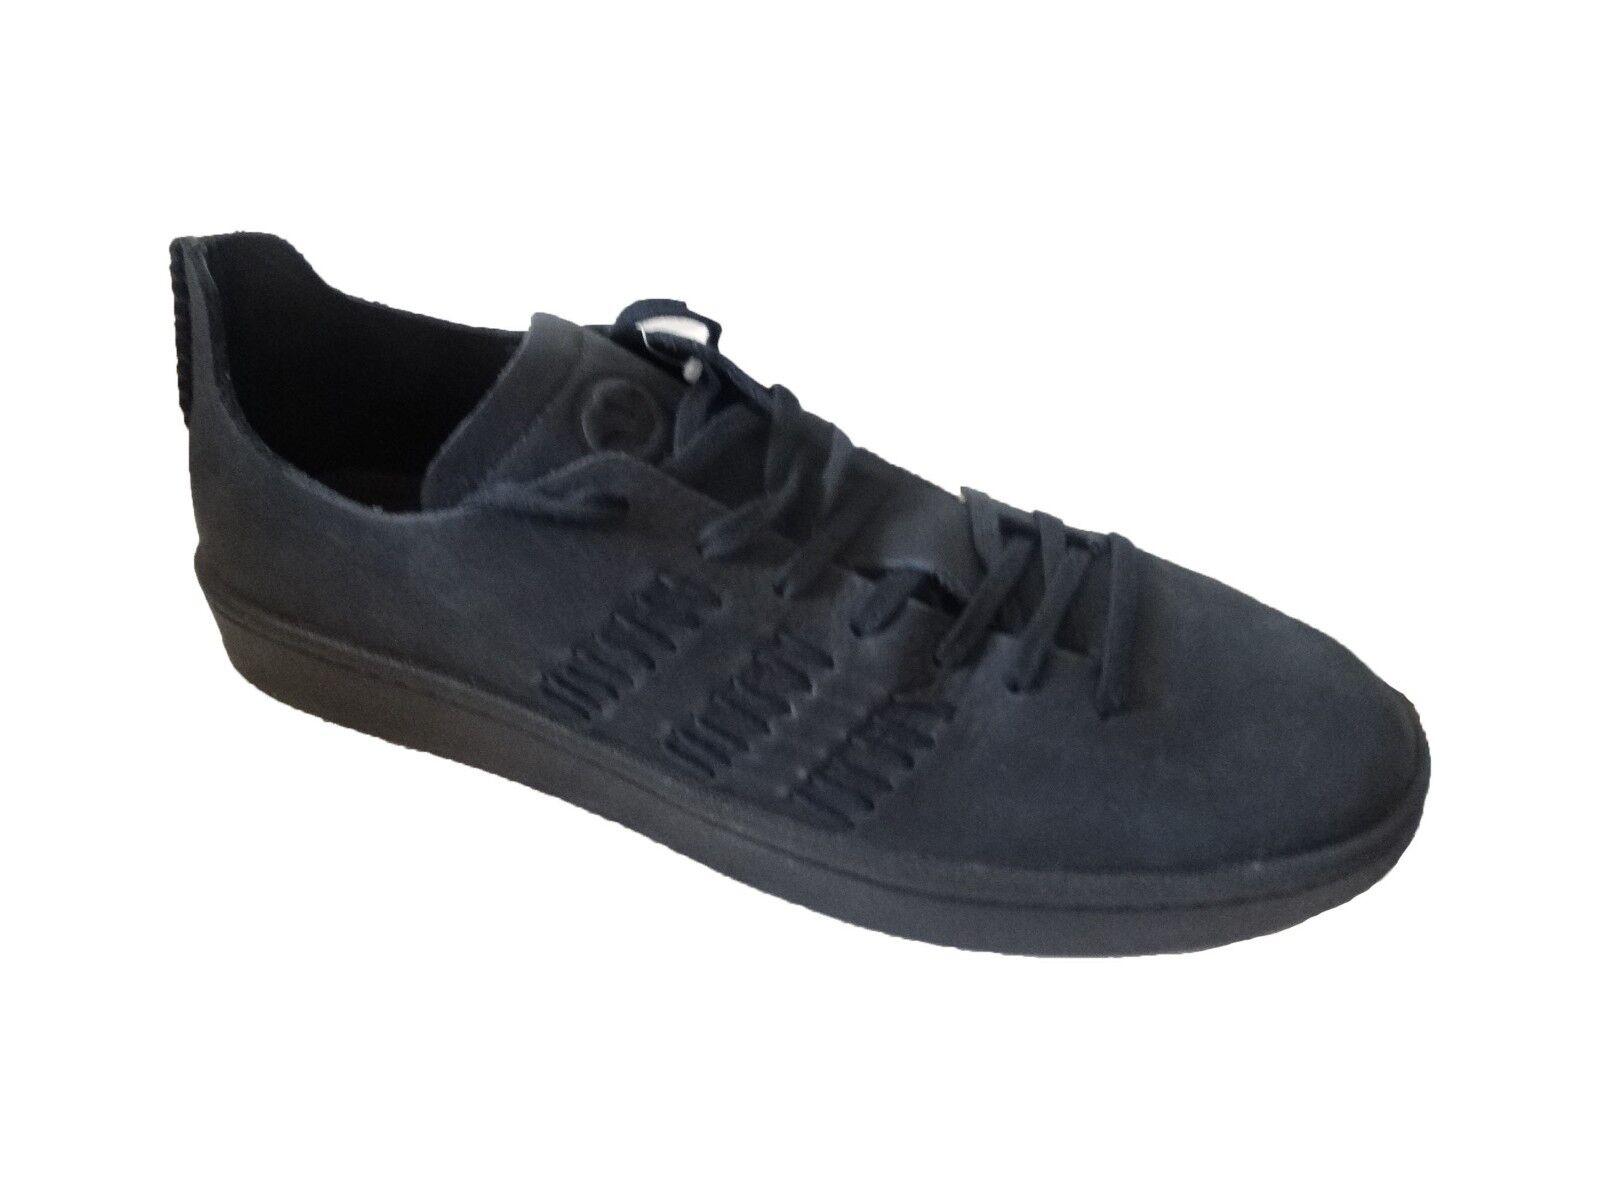 für sportliche adidas originals flügel + hörner campus nacht marine sportliche für sneakers größe 11 mio 7c3afd